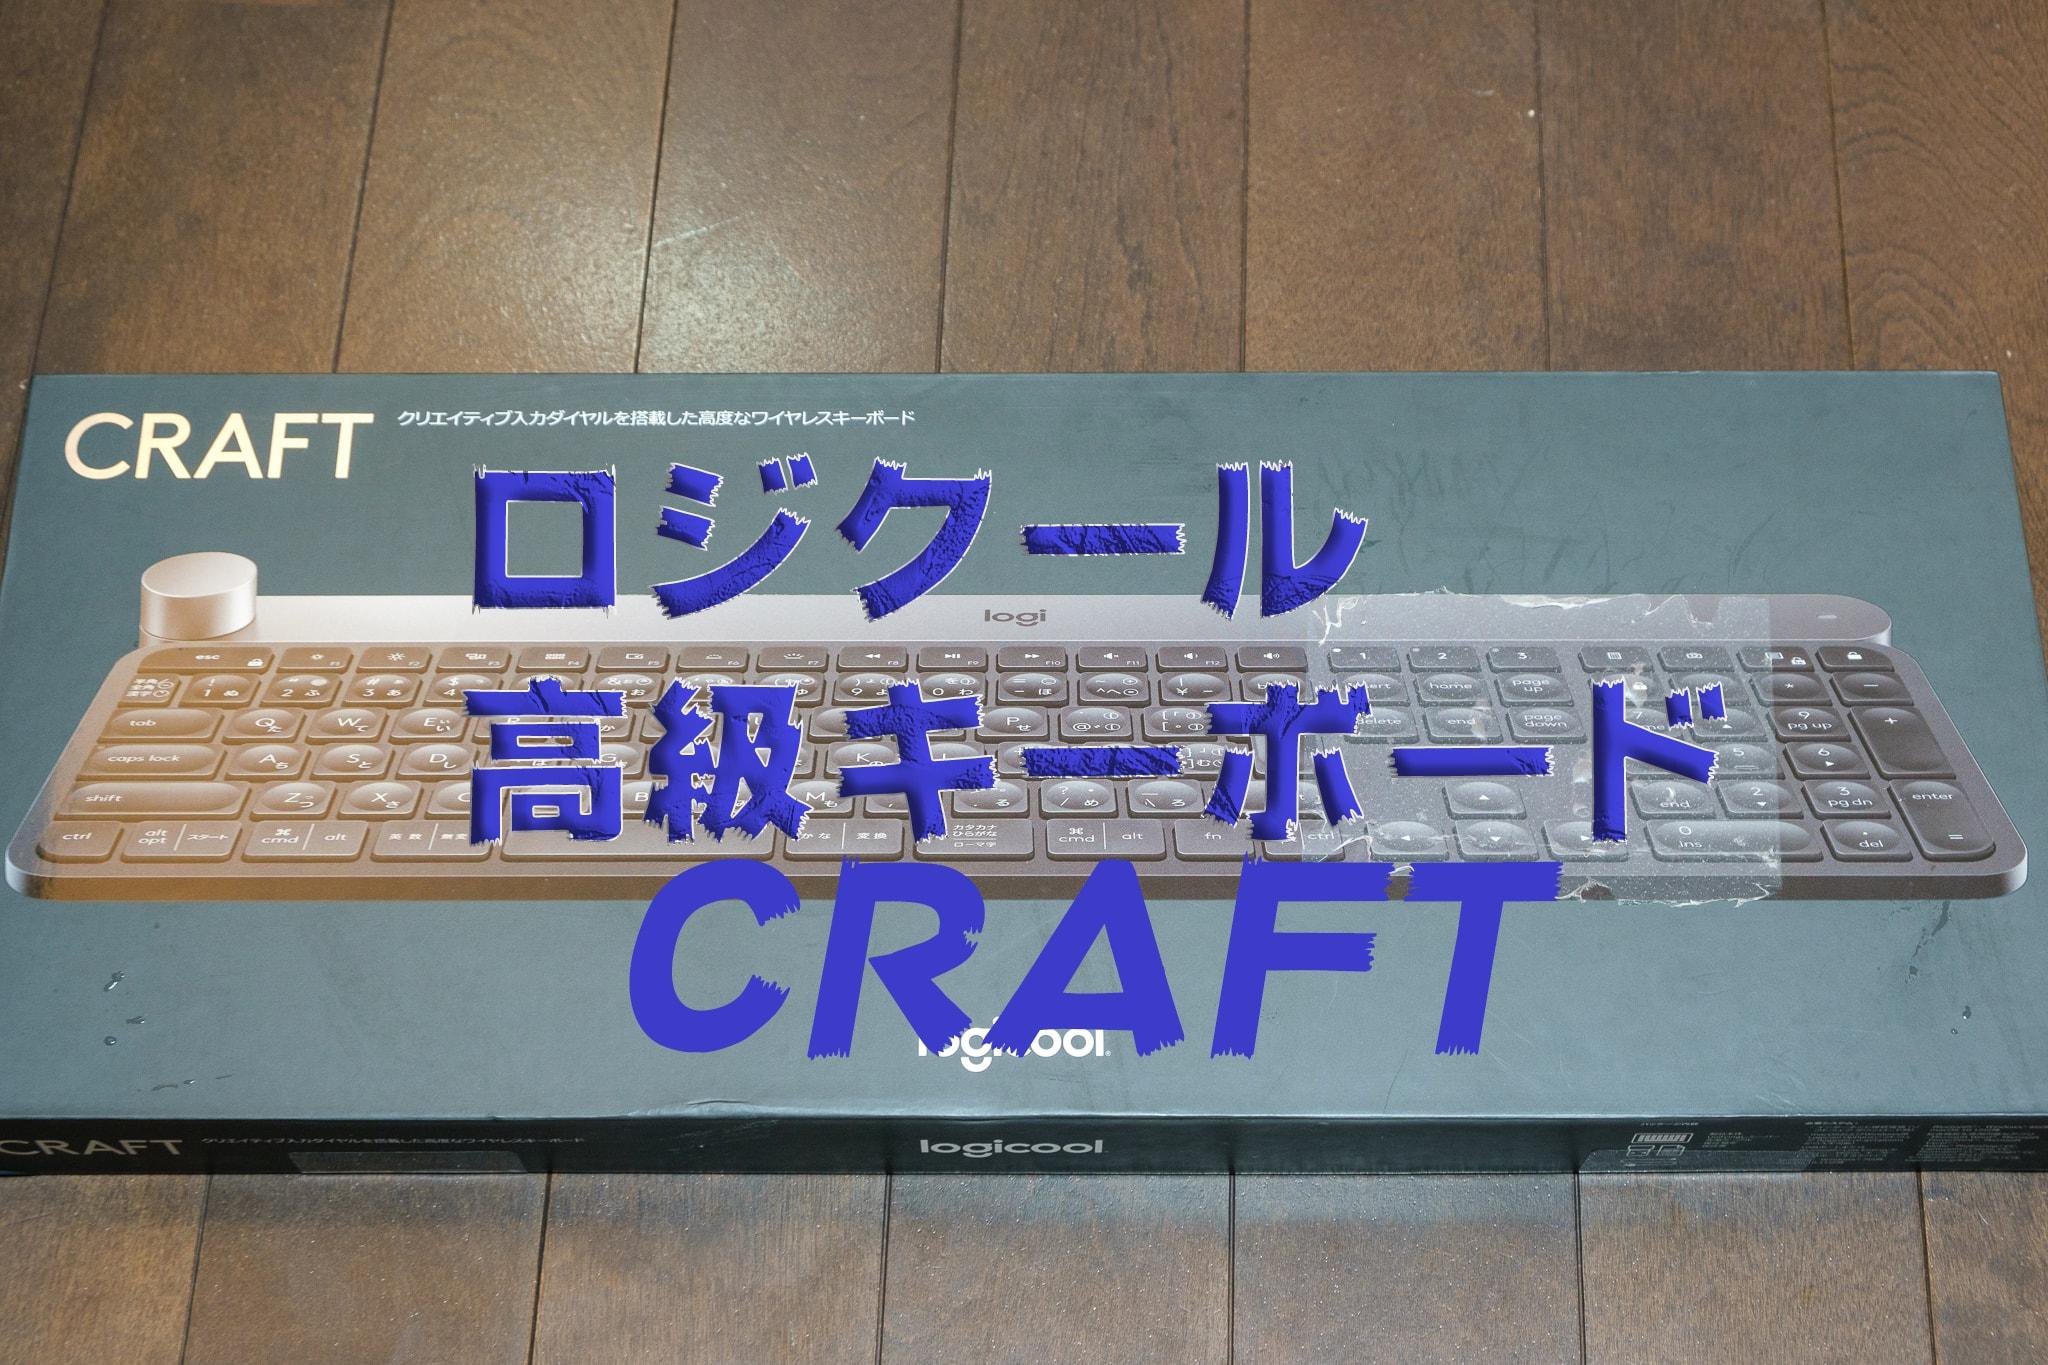 【最強】CRAFT KX1000sはMacBook Pro16の最高のキーボード